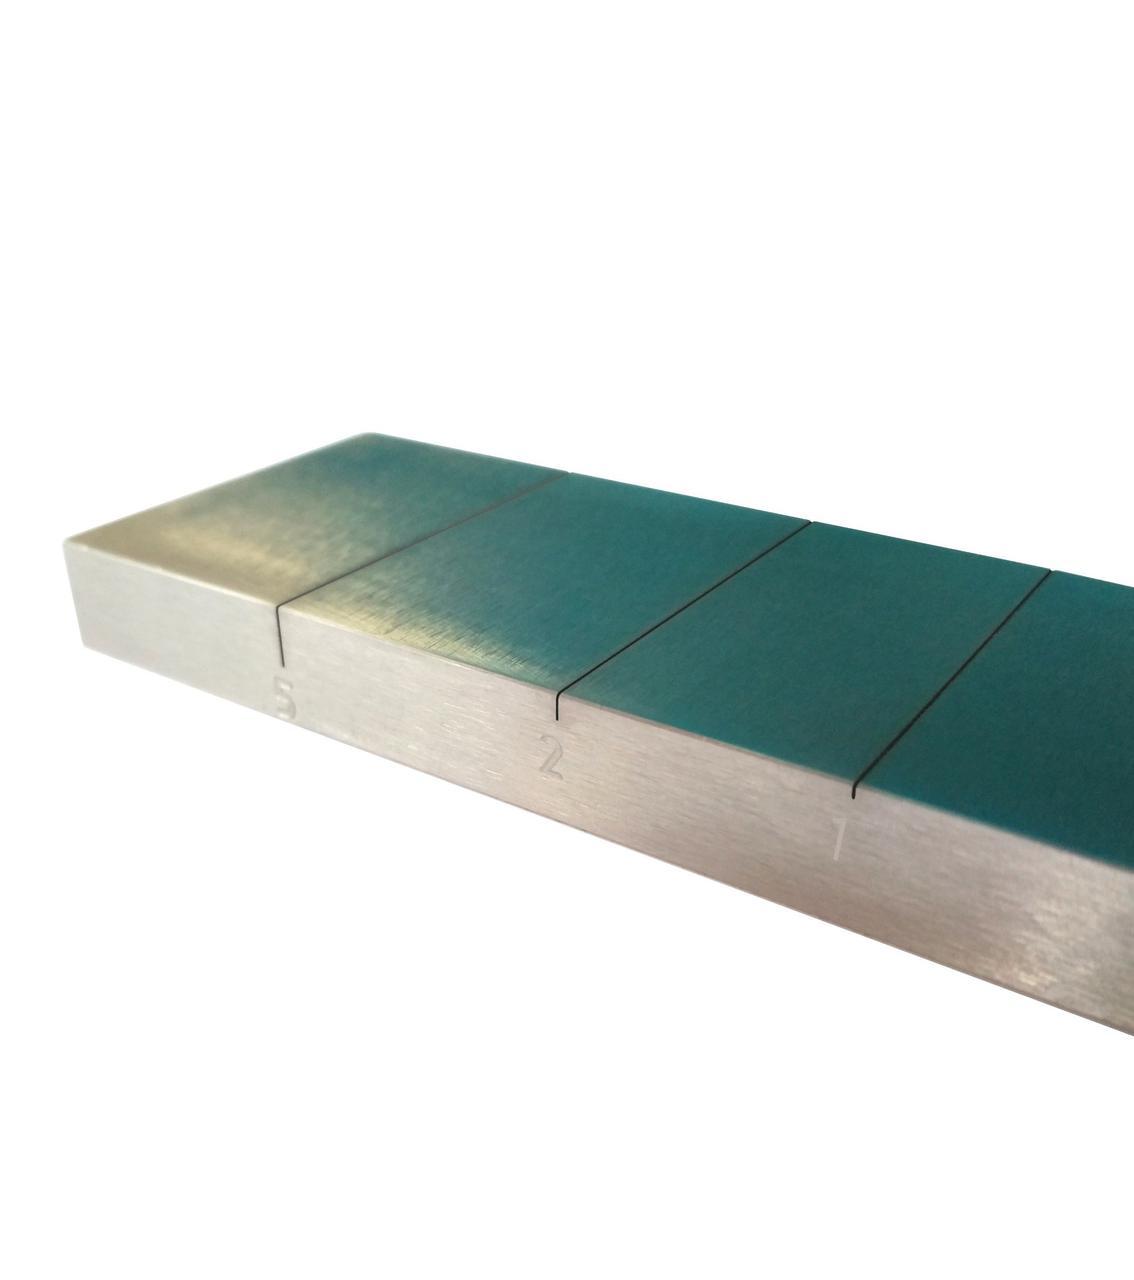 Контрольный образец КО-281-1 для измерения трещин